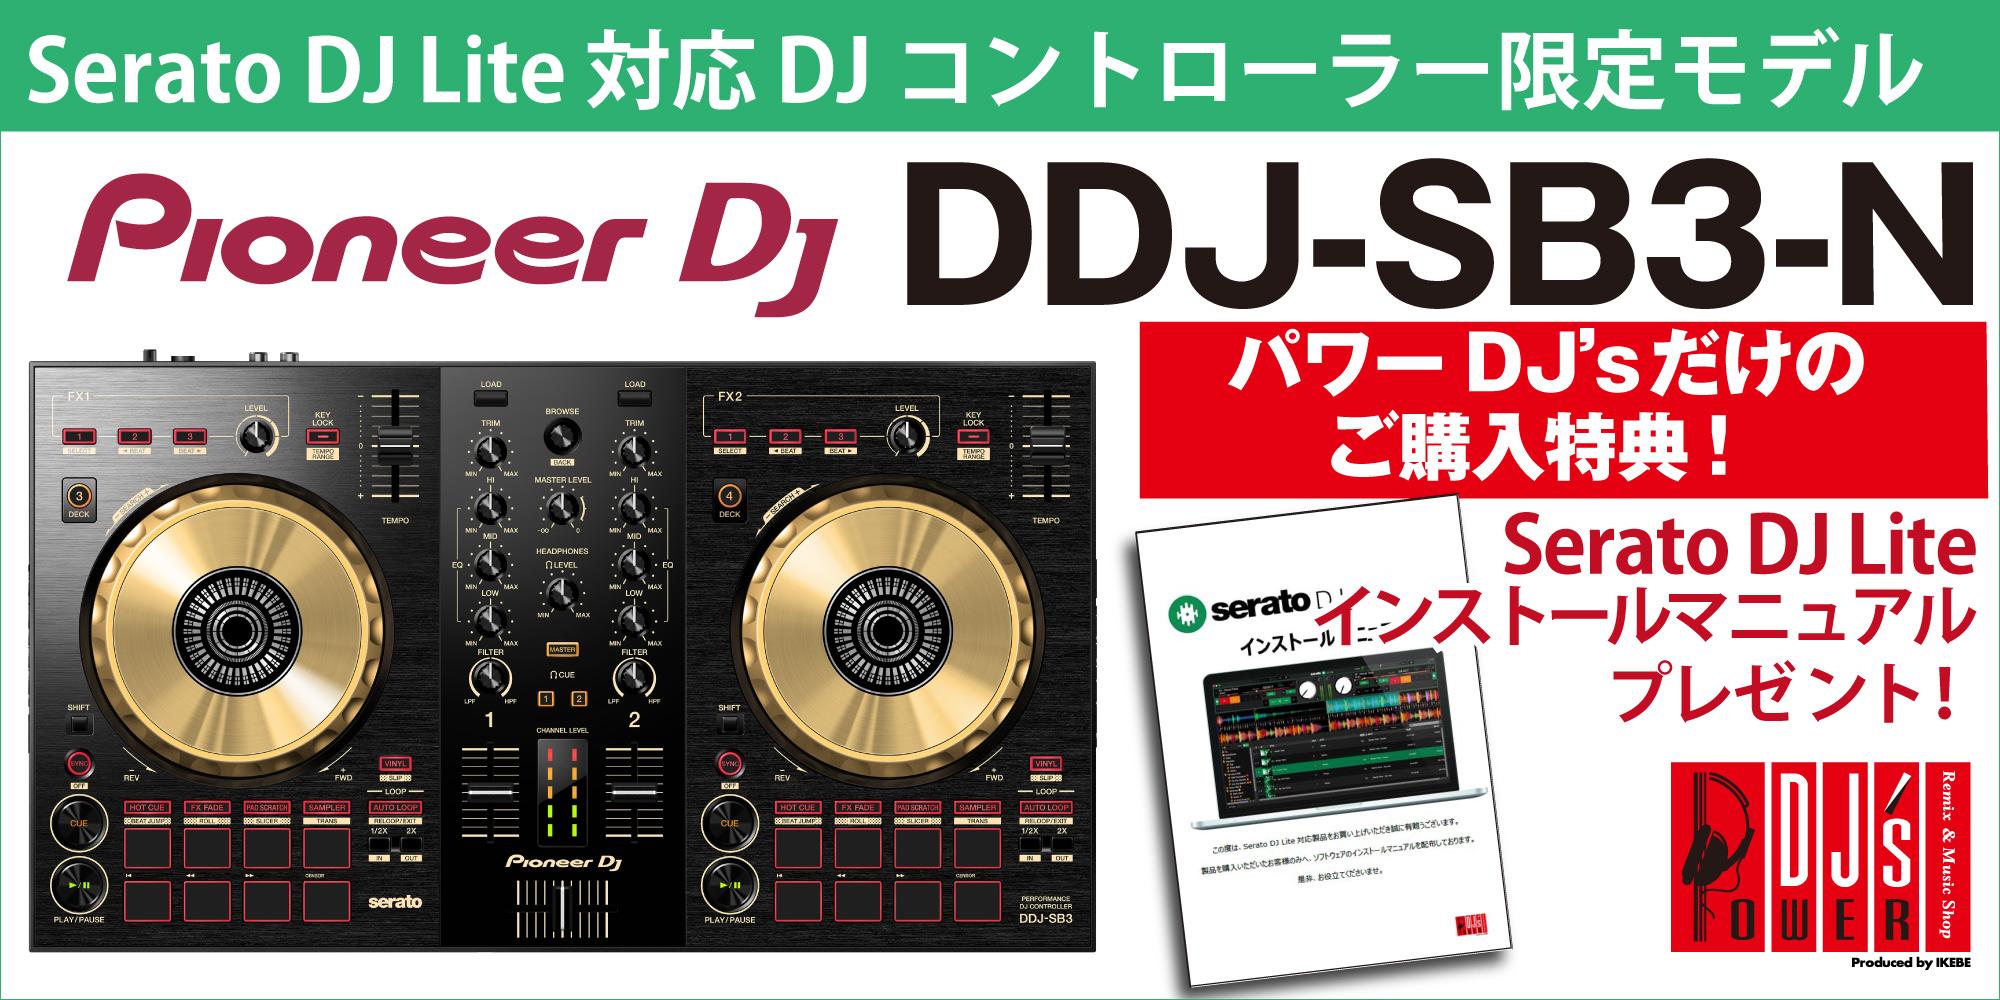 【Pioneer DJ DDJ-SB3-Nをご購入の方に「Serato DJ Lite」インストールマニュアルプレゼント! 】